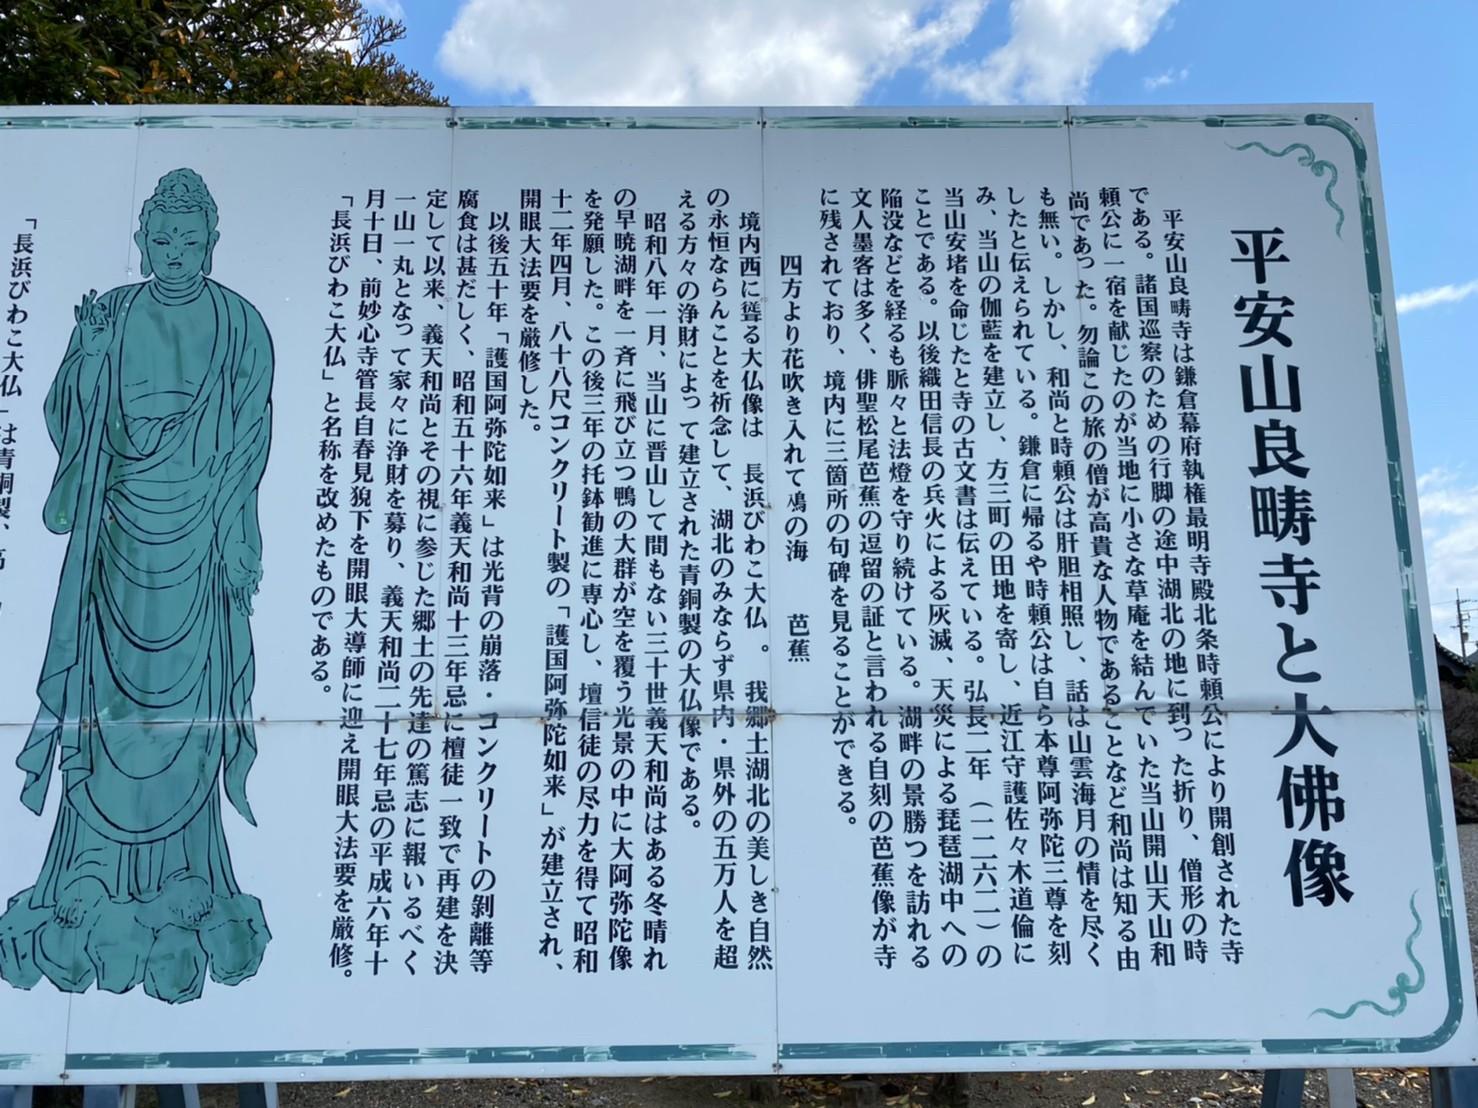 【28mの阿弥陀如来像!】『長浜びわこ大仏』のアウトドア